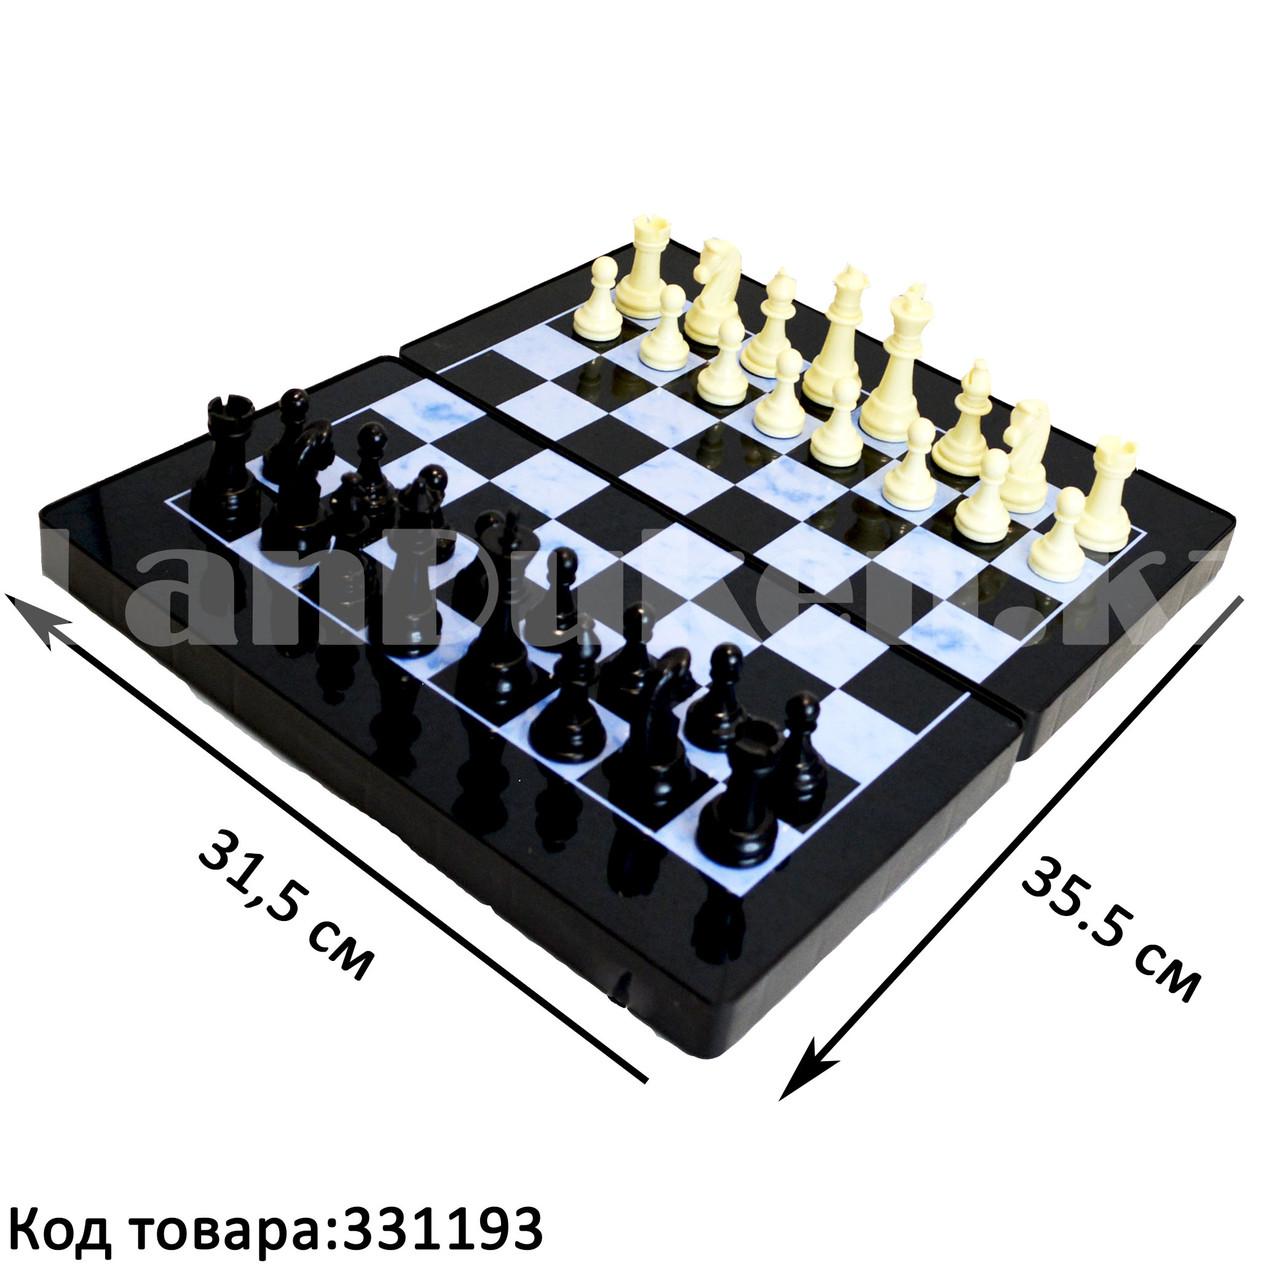 Шахматы, шашки, нарды 3 в 1 мраморный Gurng Ying 8899 35,5х31,5 см - фото 1